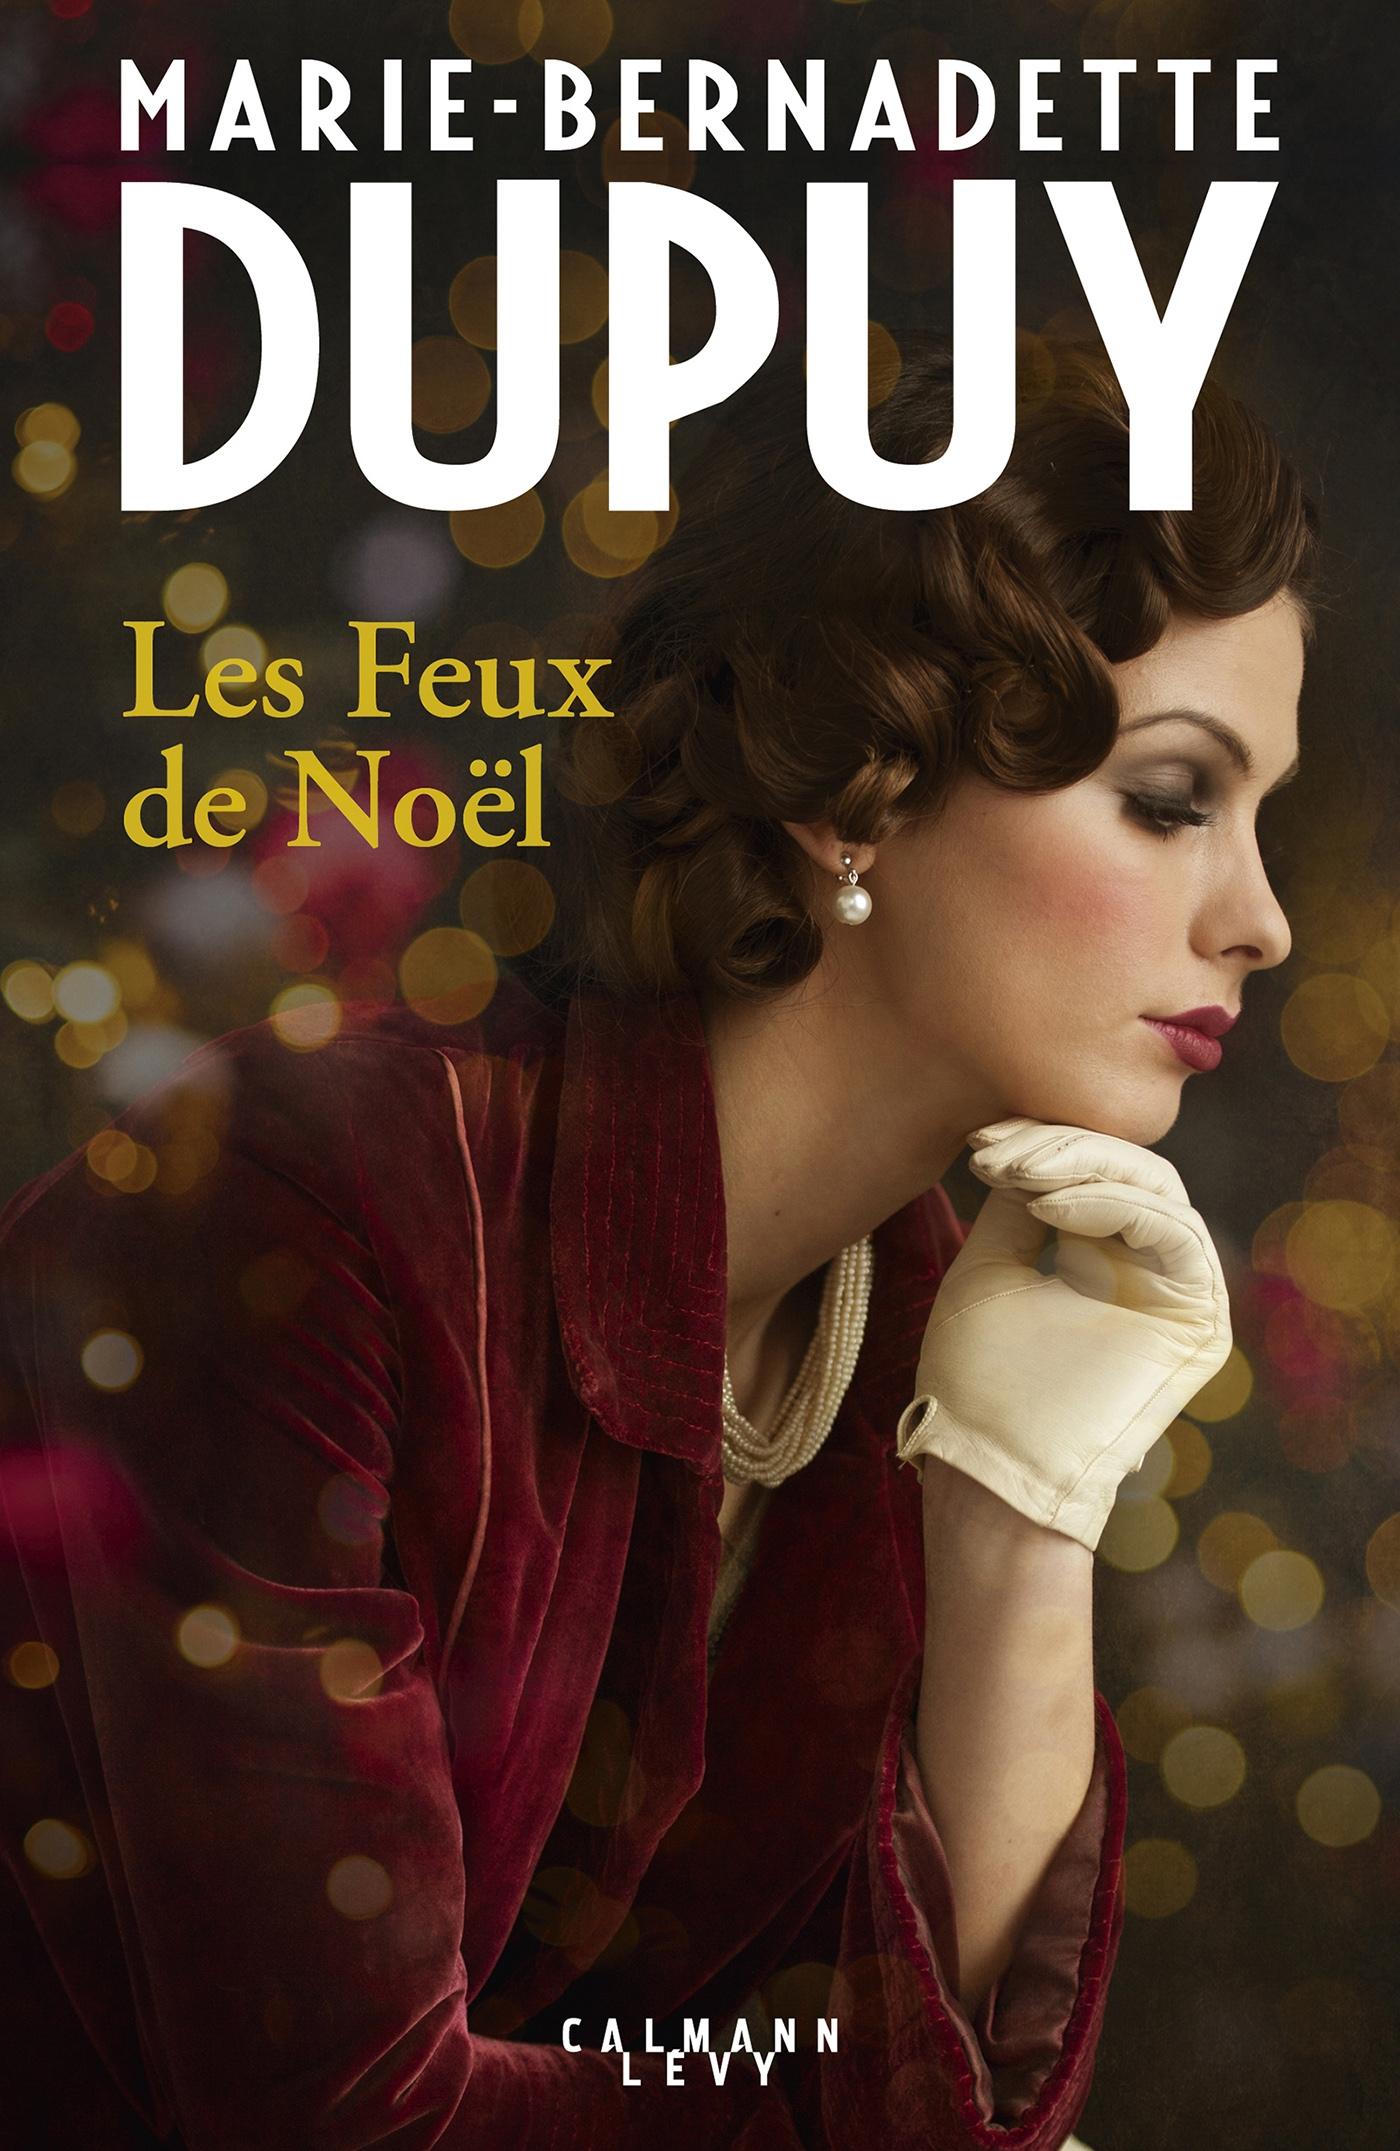 Les feux de noël | Dupuy, Marie-Bernadette. Auteur